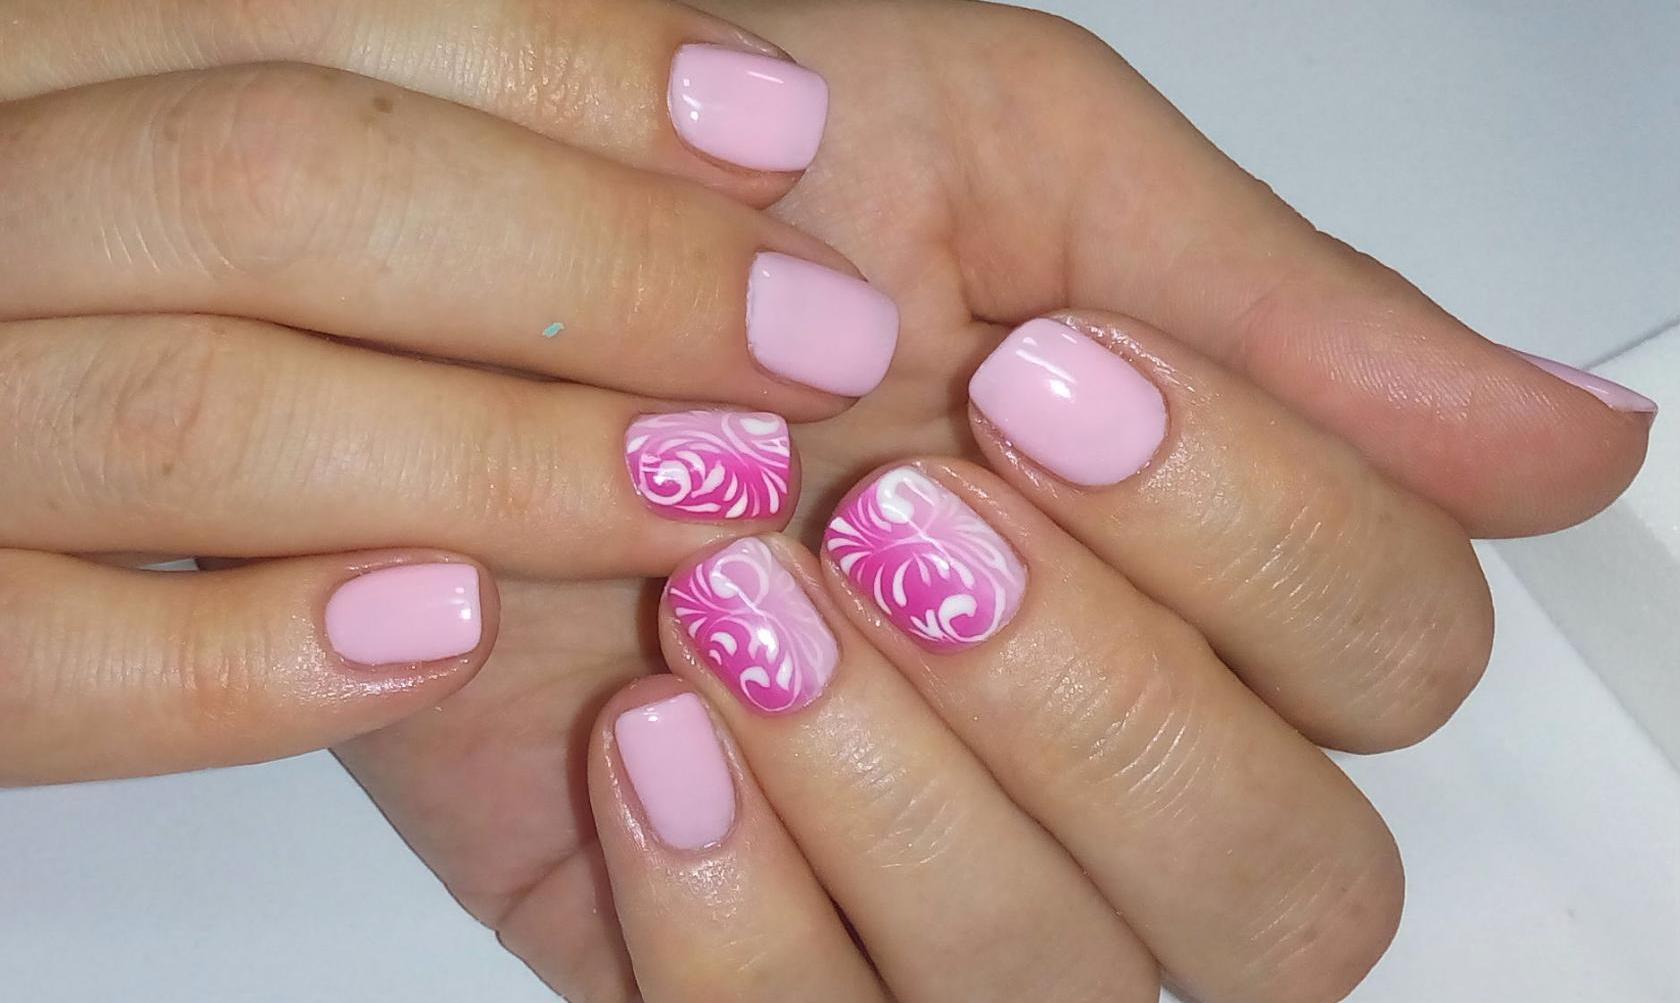 Маникюр с лепкой - фото идей дизайна ногтей - Best Маникюр